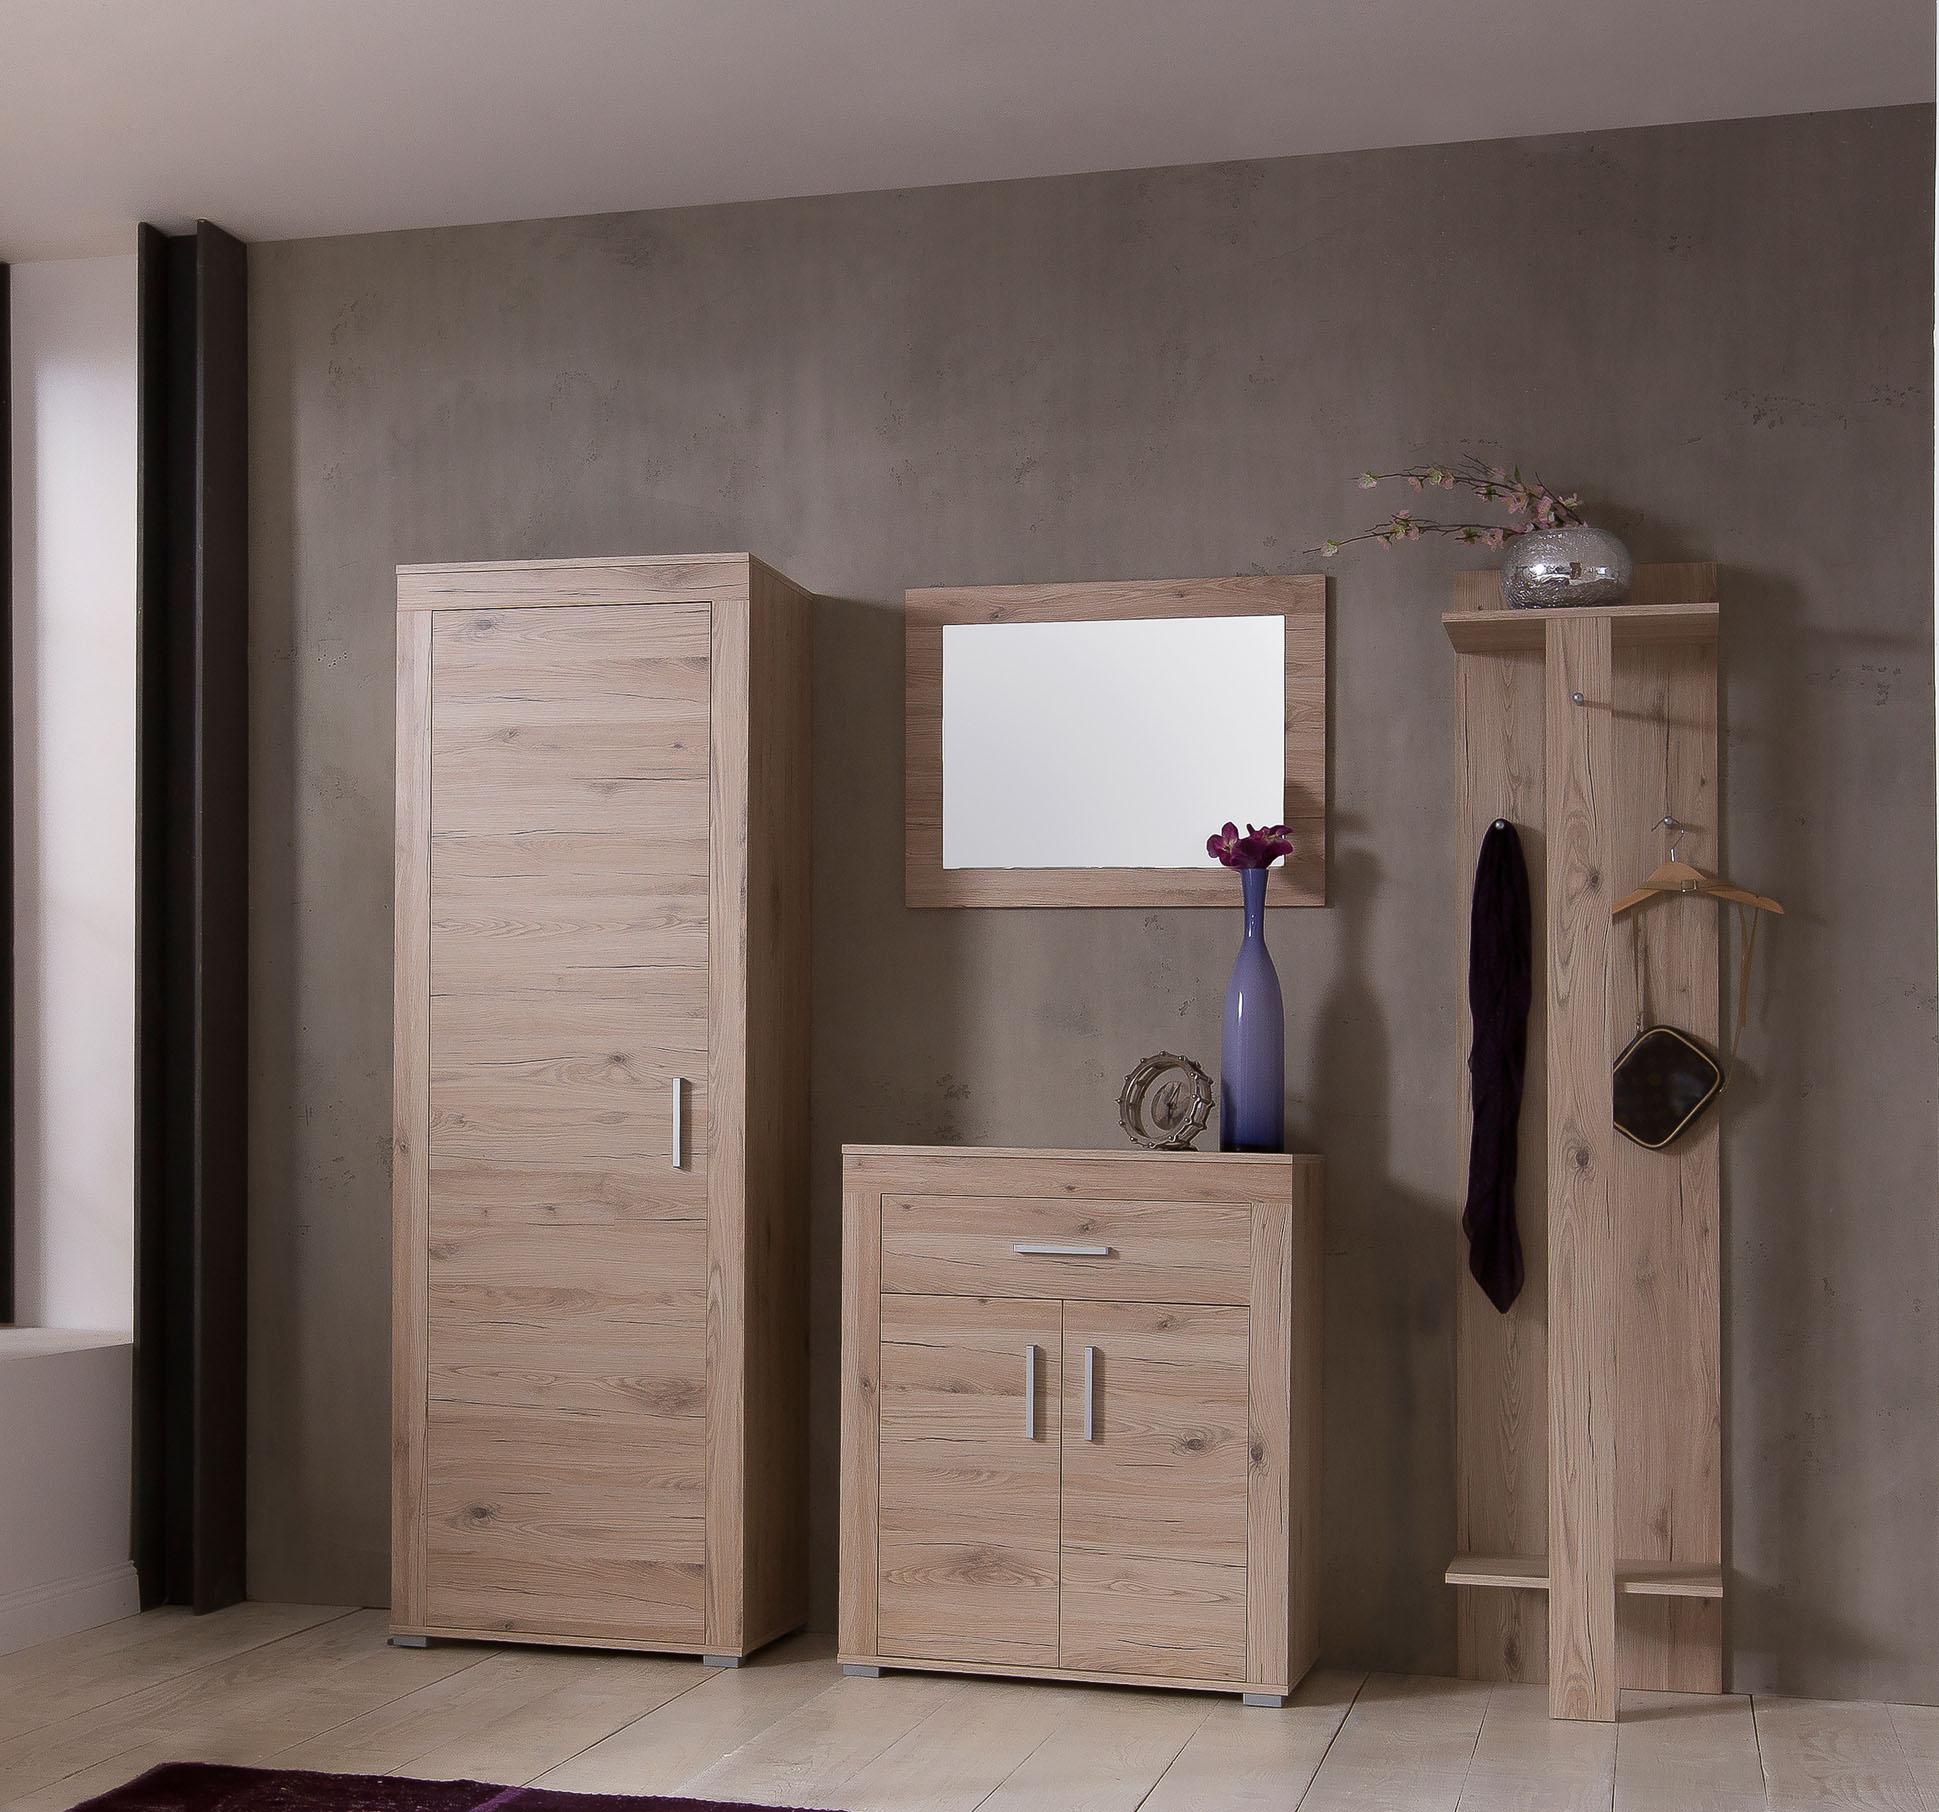 4tlg flurset garderobenset schuhschrank garderobenschrank spiegel weiss eiche ebay. Black Bedroom Furniture Sets. Home Design Ideas